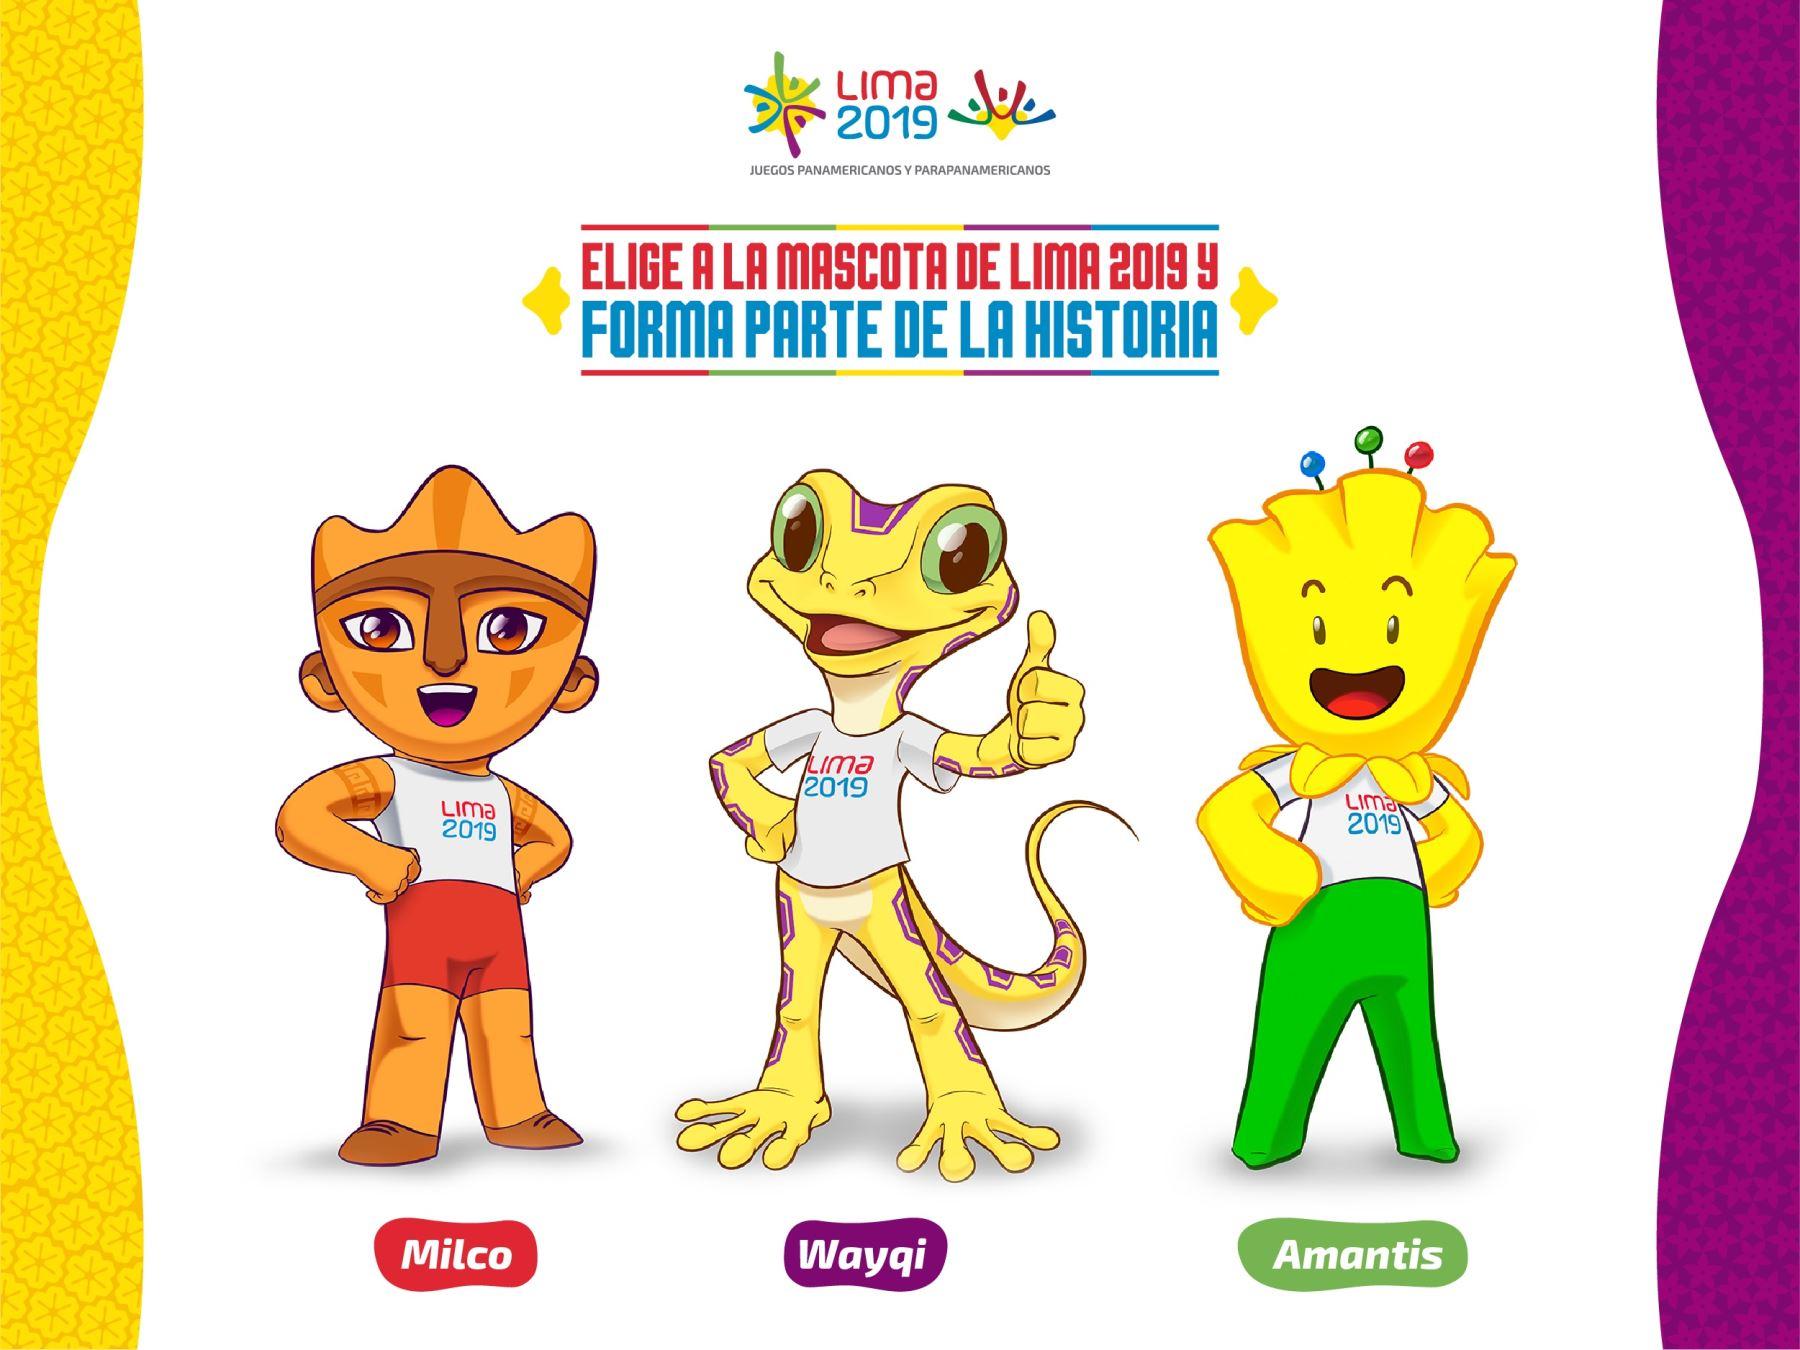 Resultado de imagen para Panamericanos Lima 2019: conoce a los tres diseños finalistas de la mascota